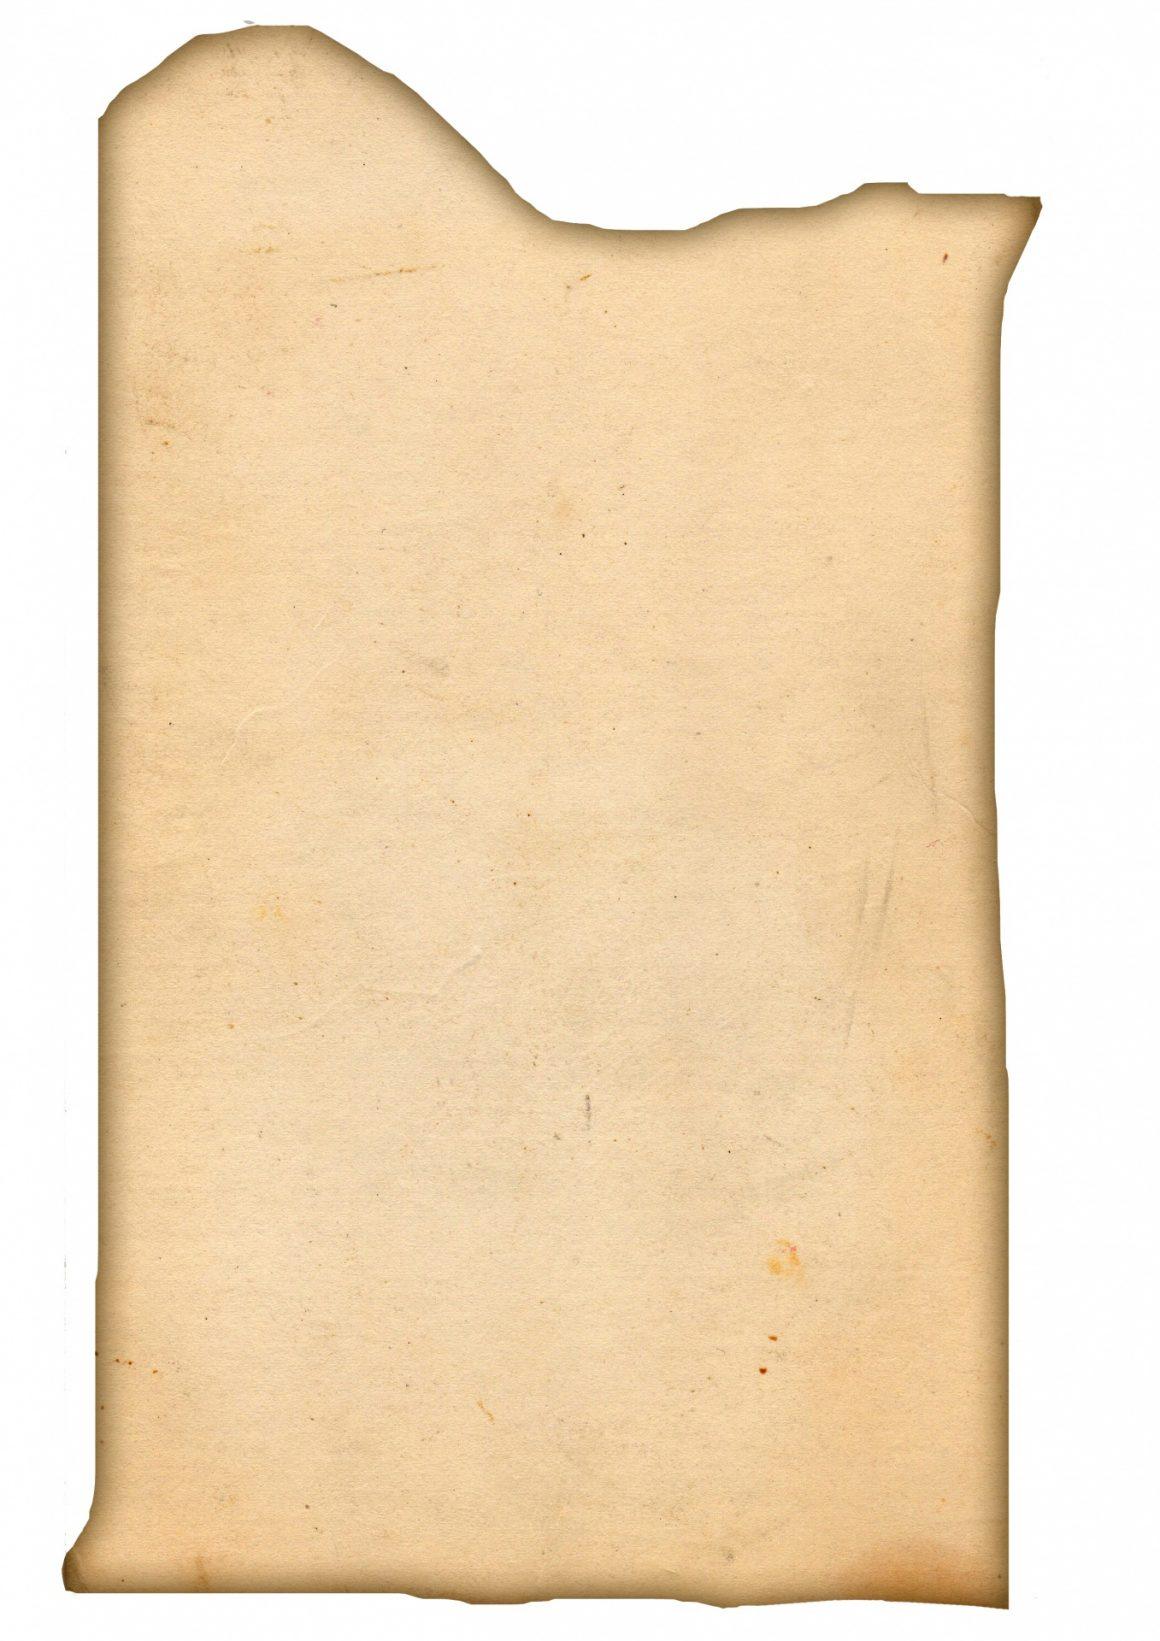 Les amours d'un faux-col, un conte de Hans Christian Andersen